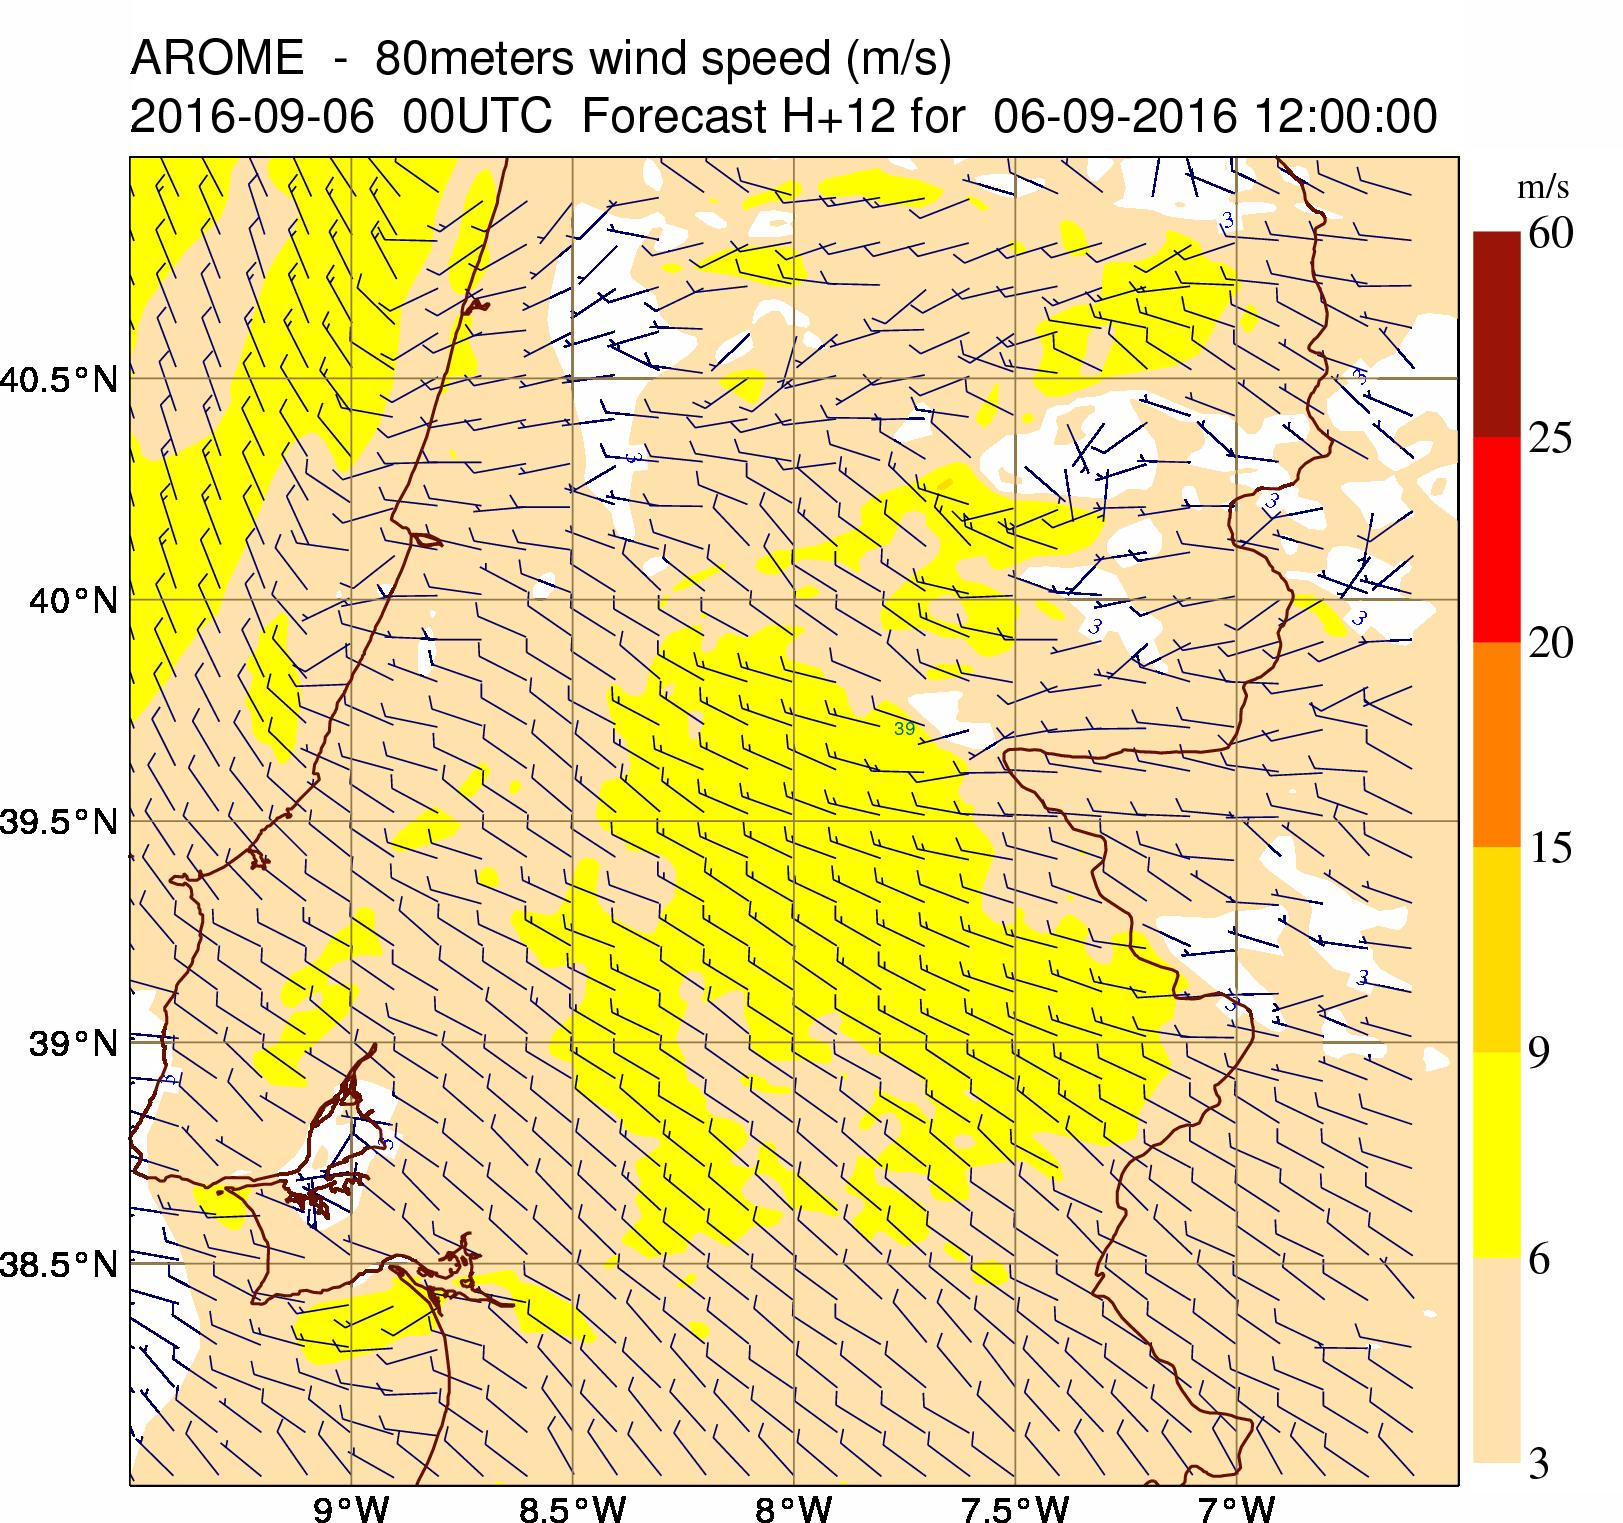 arome-80m.wind.12-00